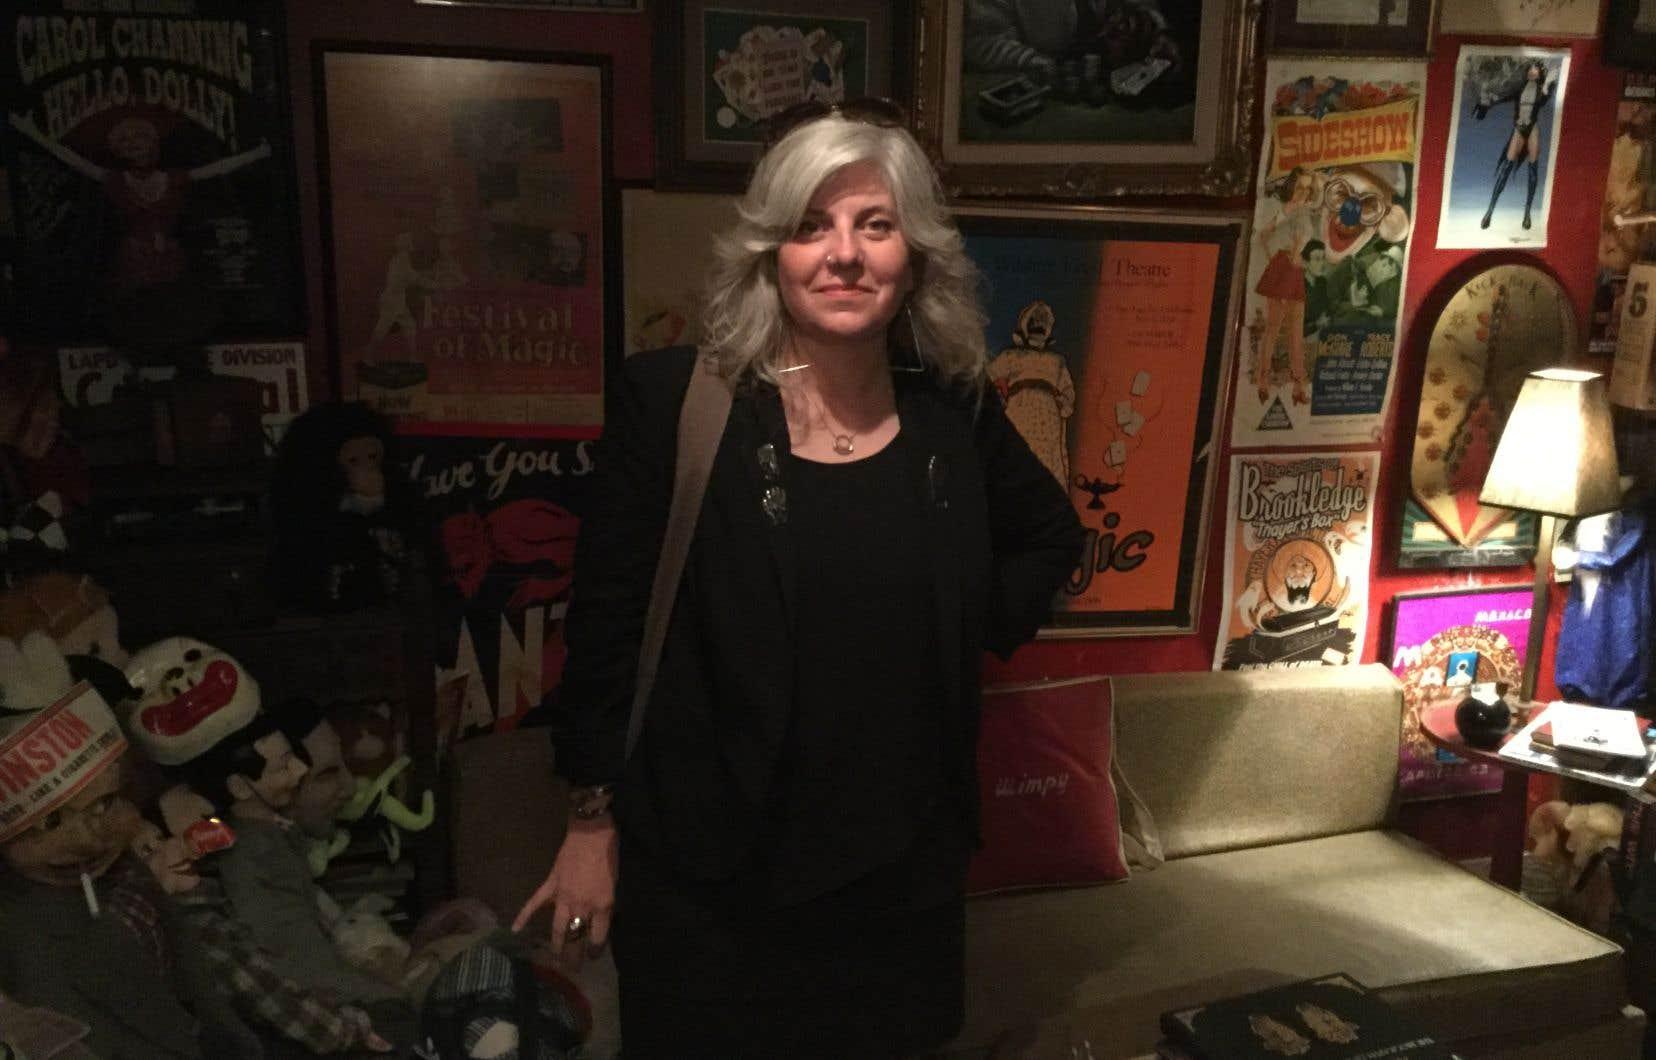 Kier-La Janisse, réalisatrice du documentaire, autrice et programmatrice dans plusieurs festivals